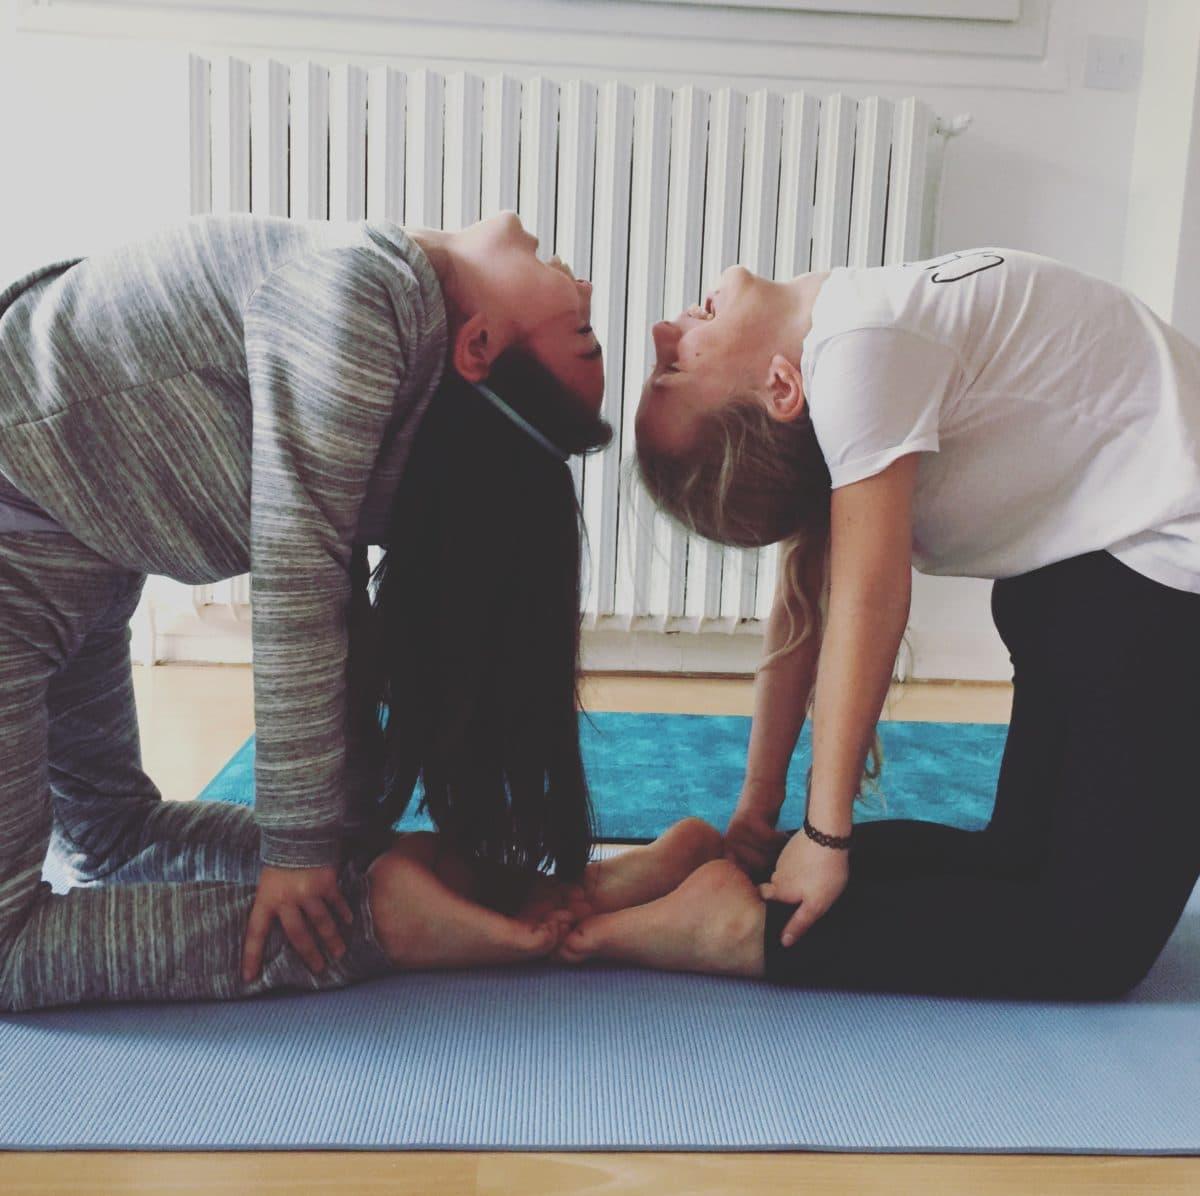 cours de yoga famille enfant parent Meudon Chaville